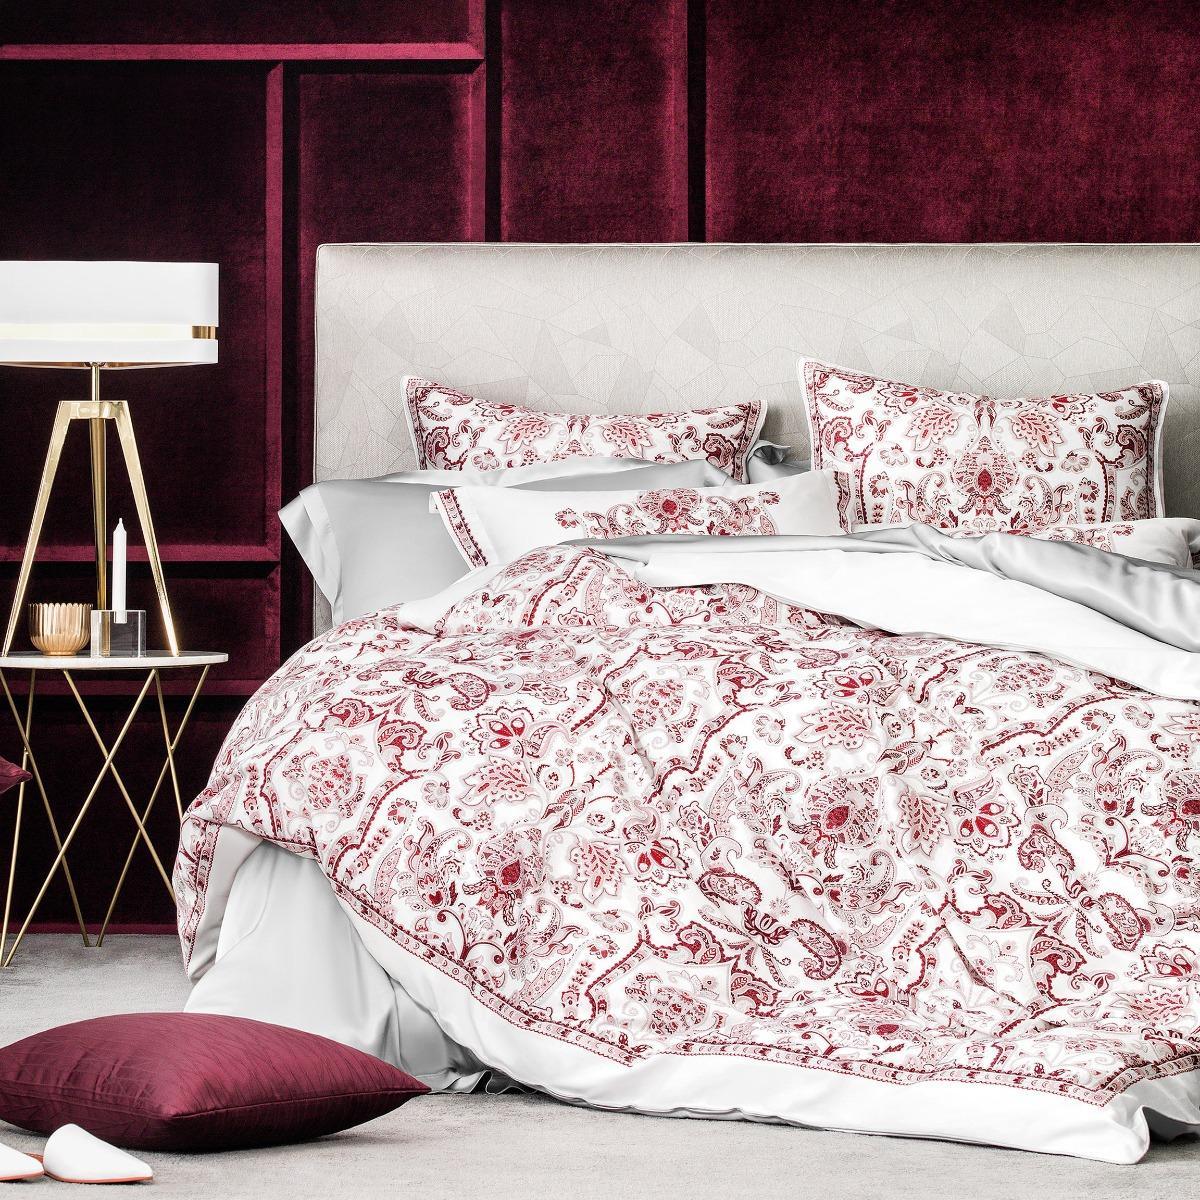 Комплект постельного белья Togas Розетта Семейный белый с розовым